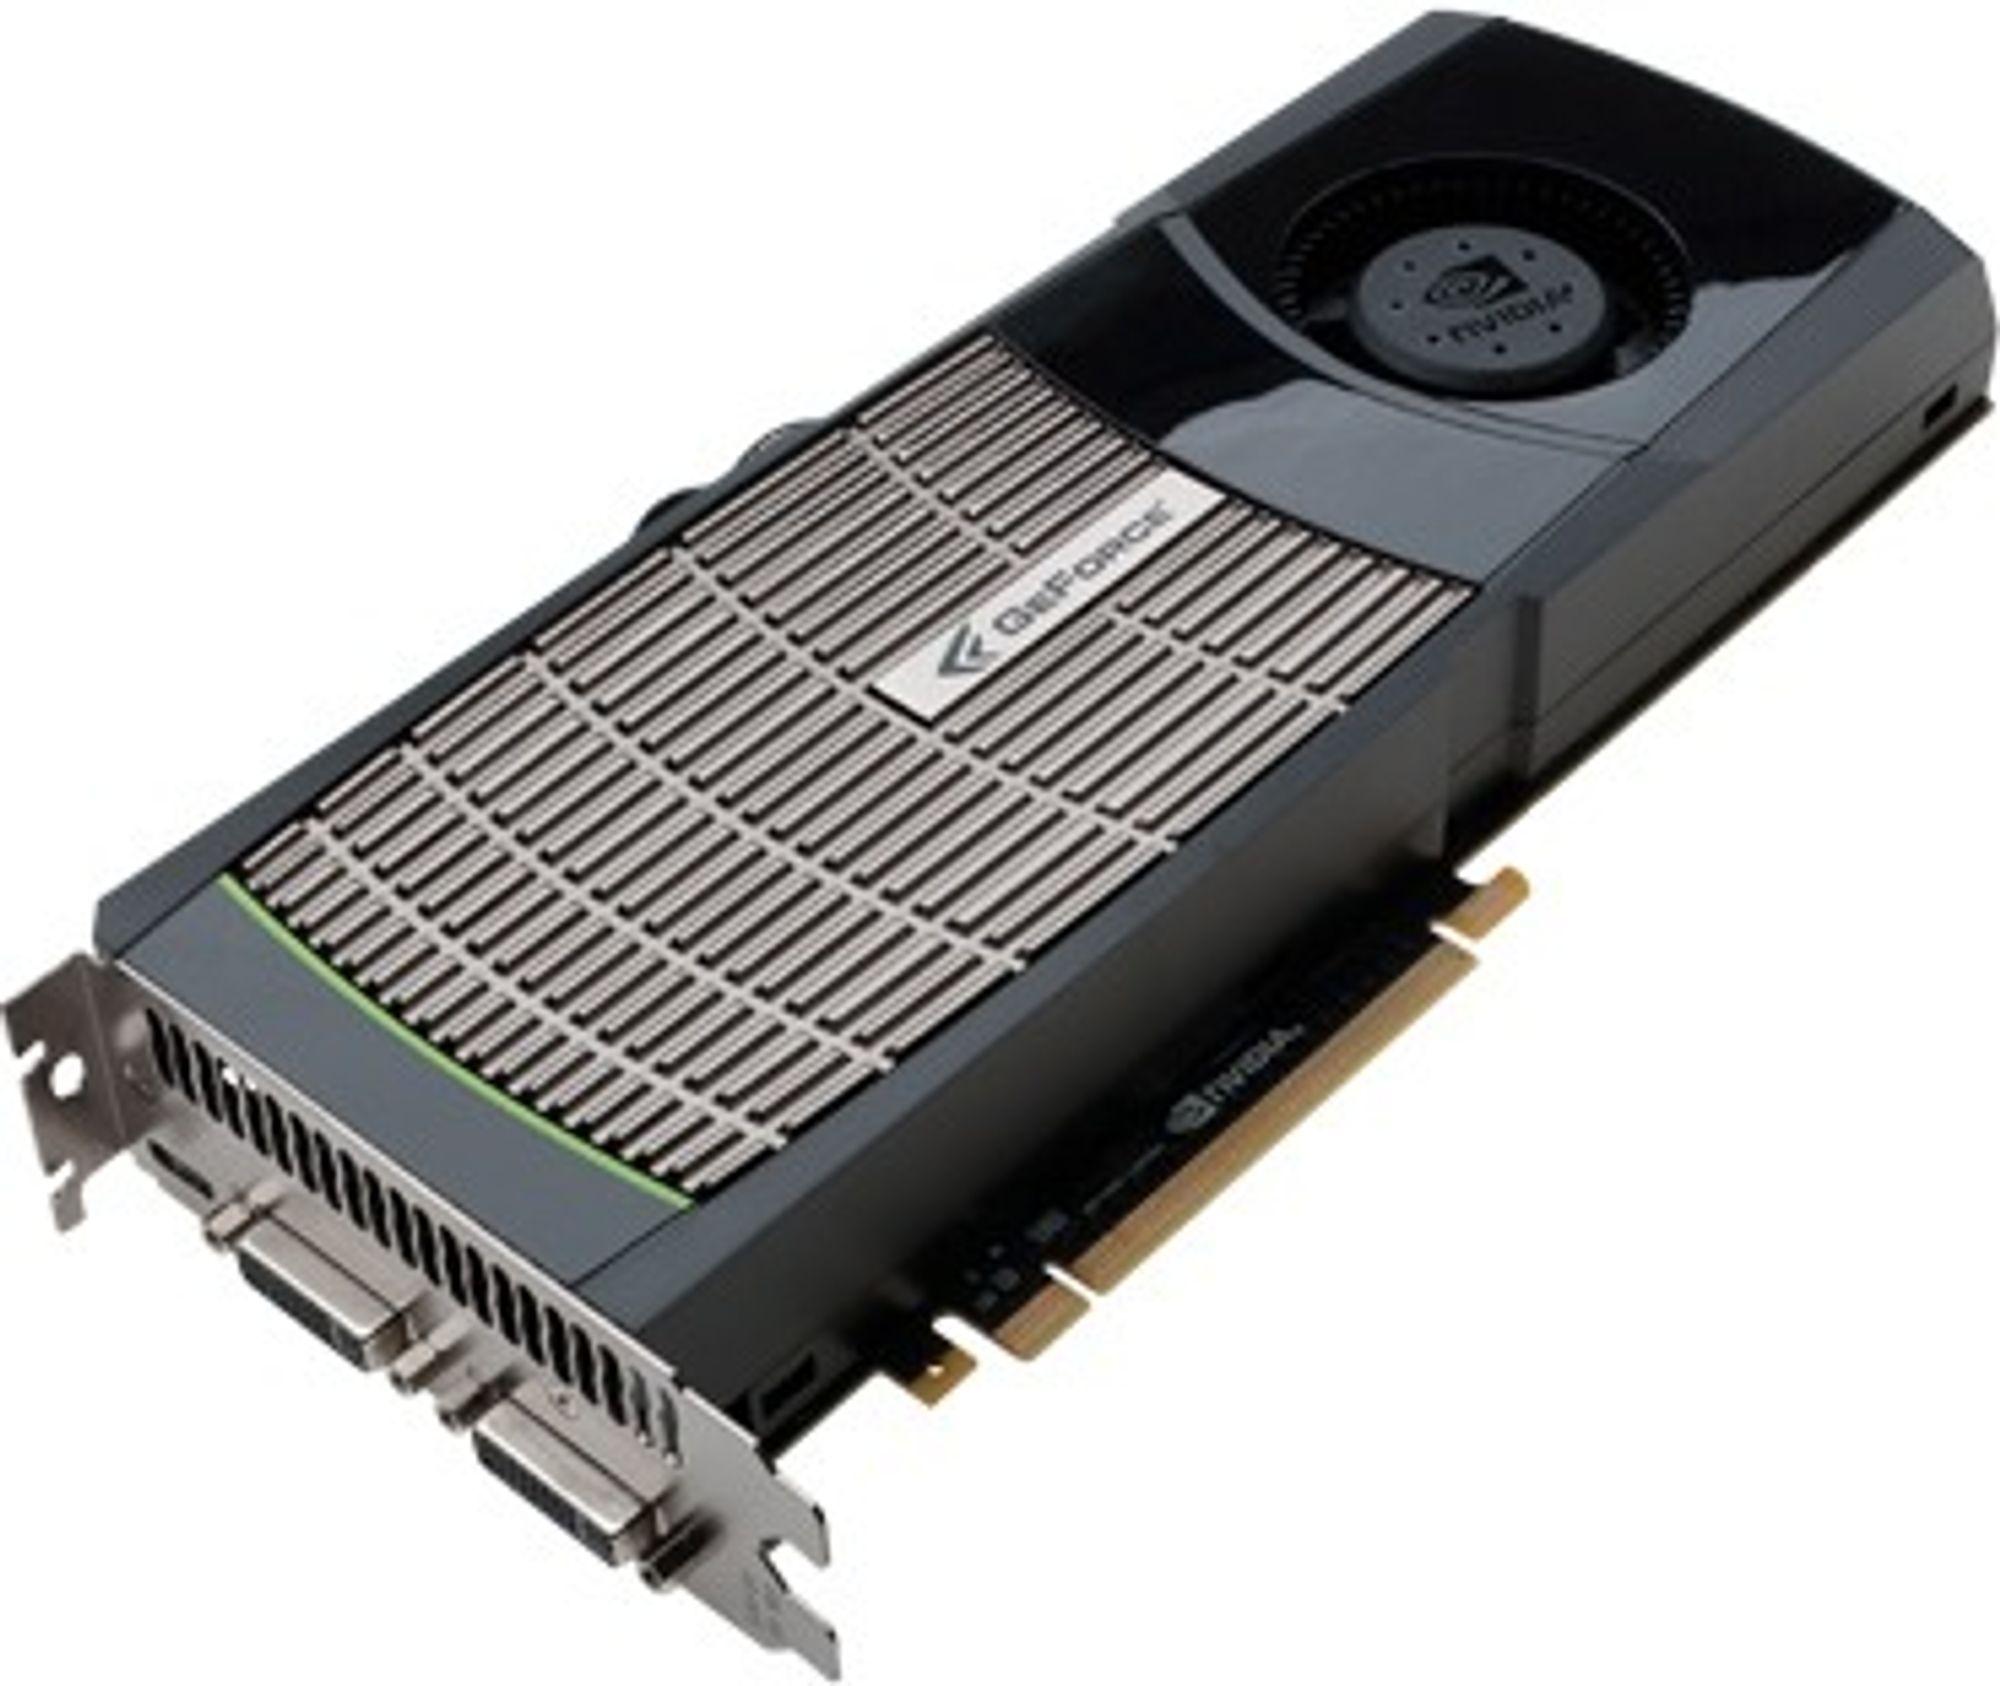 Skjermkort basert på Nvidia GeForce GTX 480